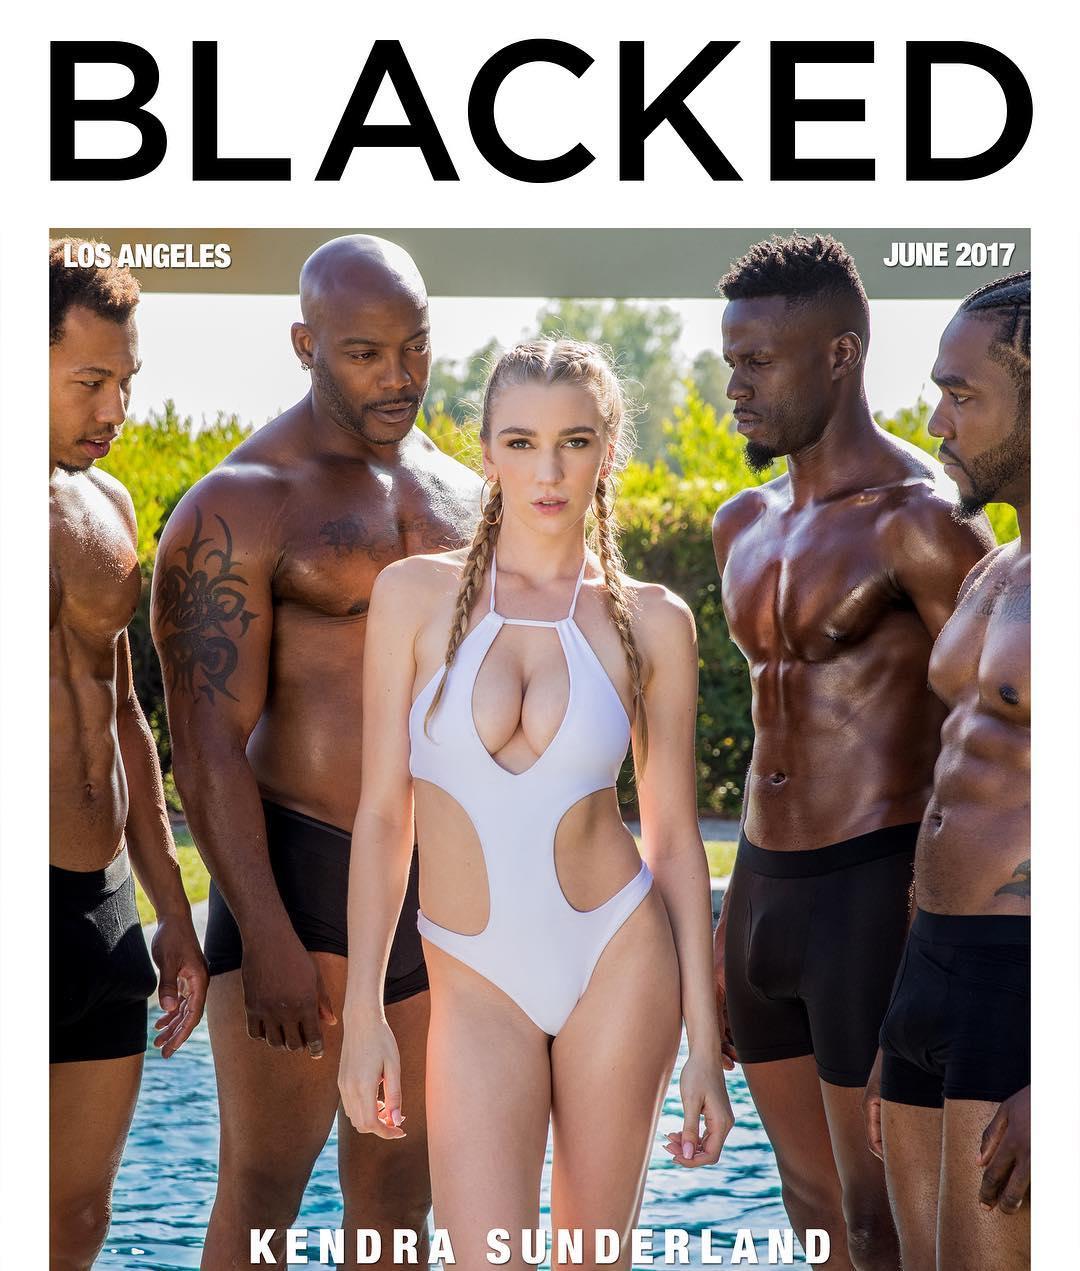 Blaked.com